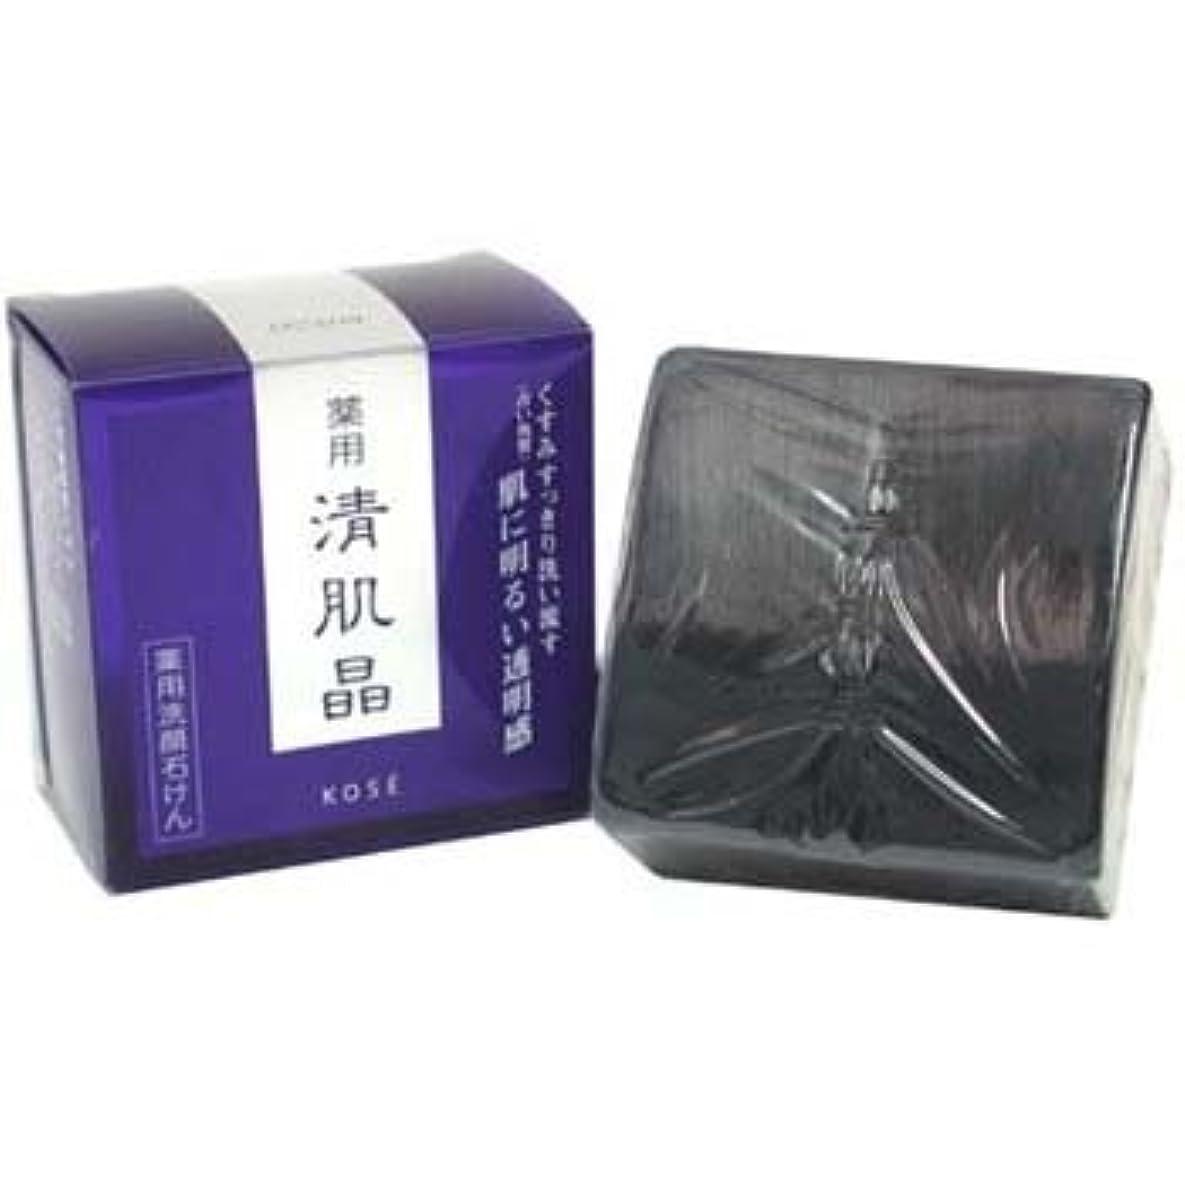 生息地浮浪者舌コーセー 薬用清肌晶 ソープ(リフィル) 120g [並行輸入品][海外直送品]